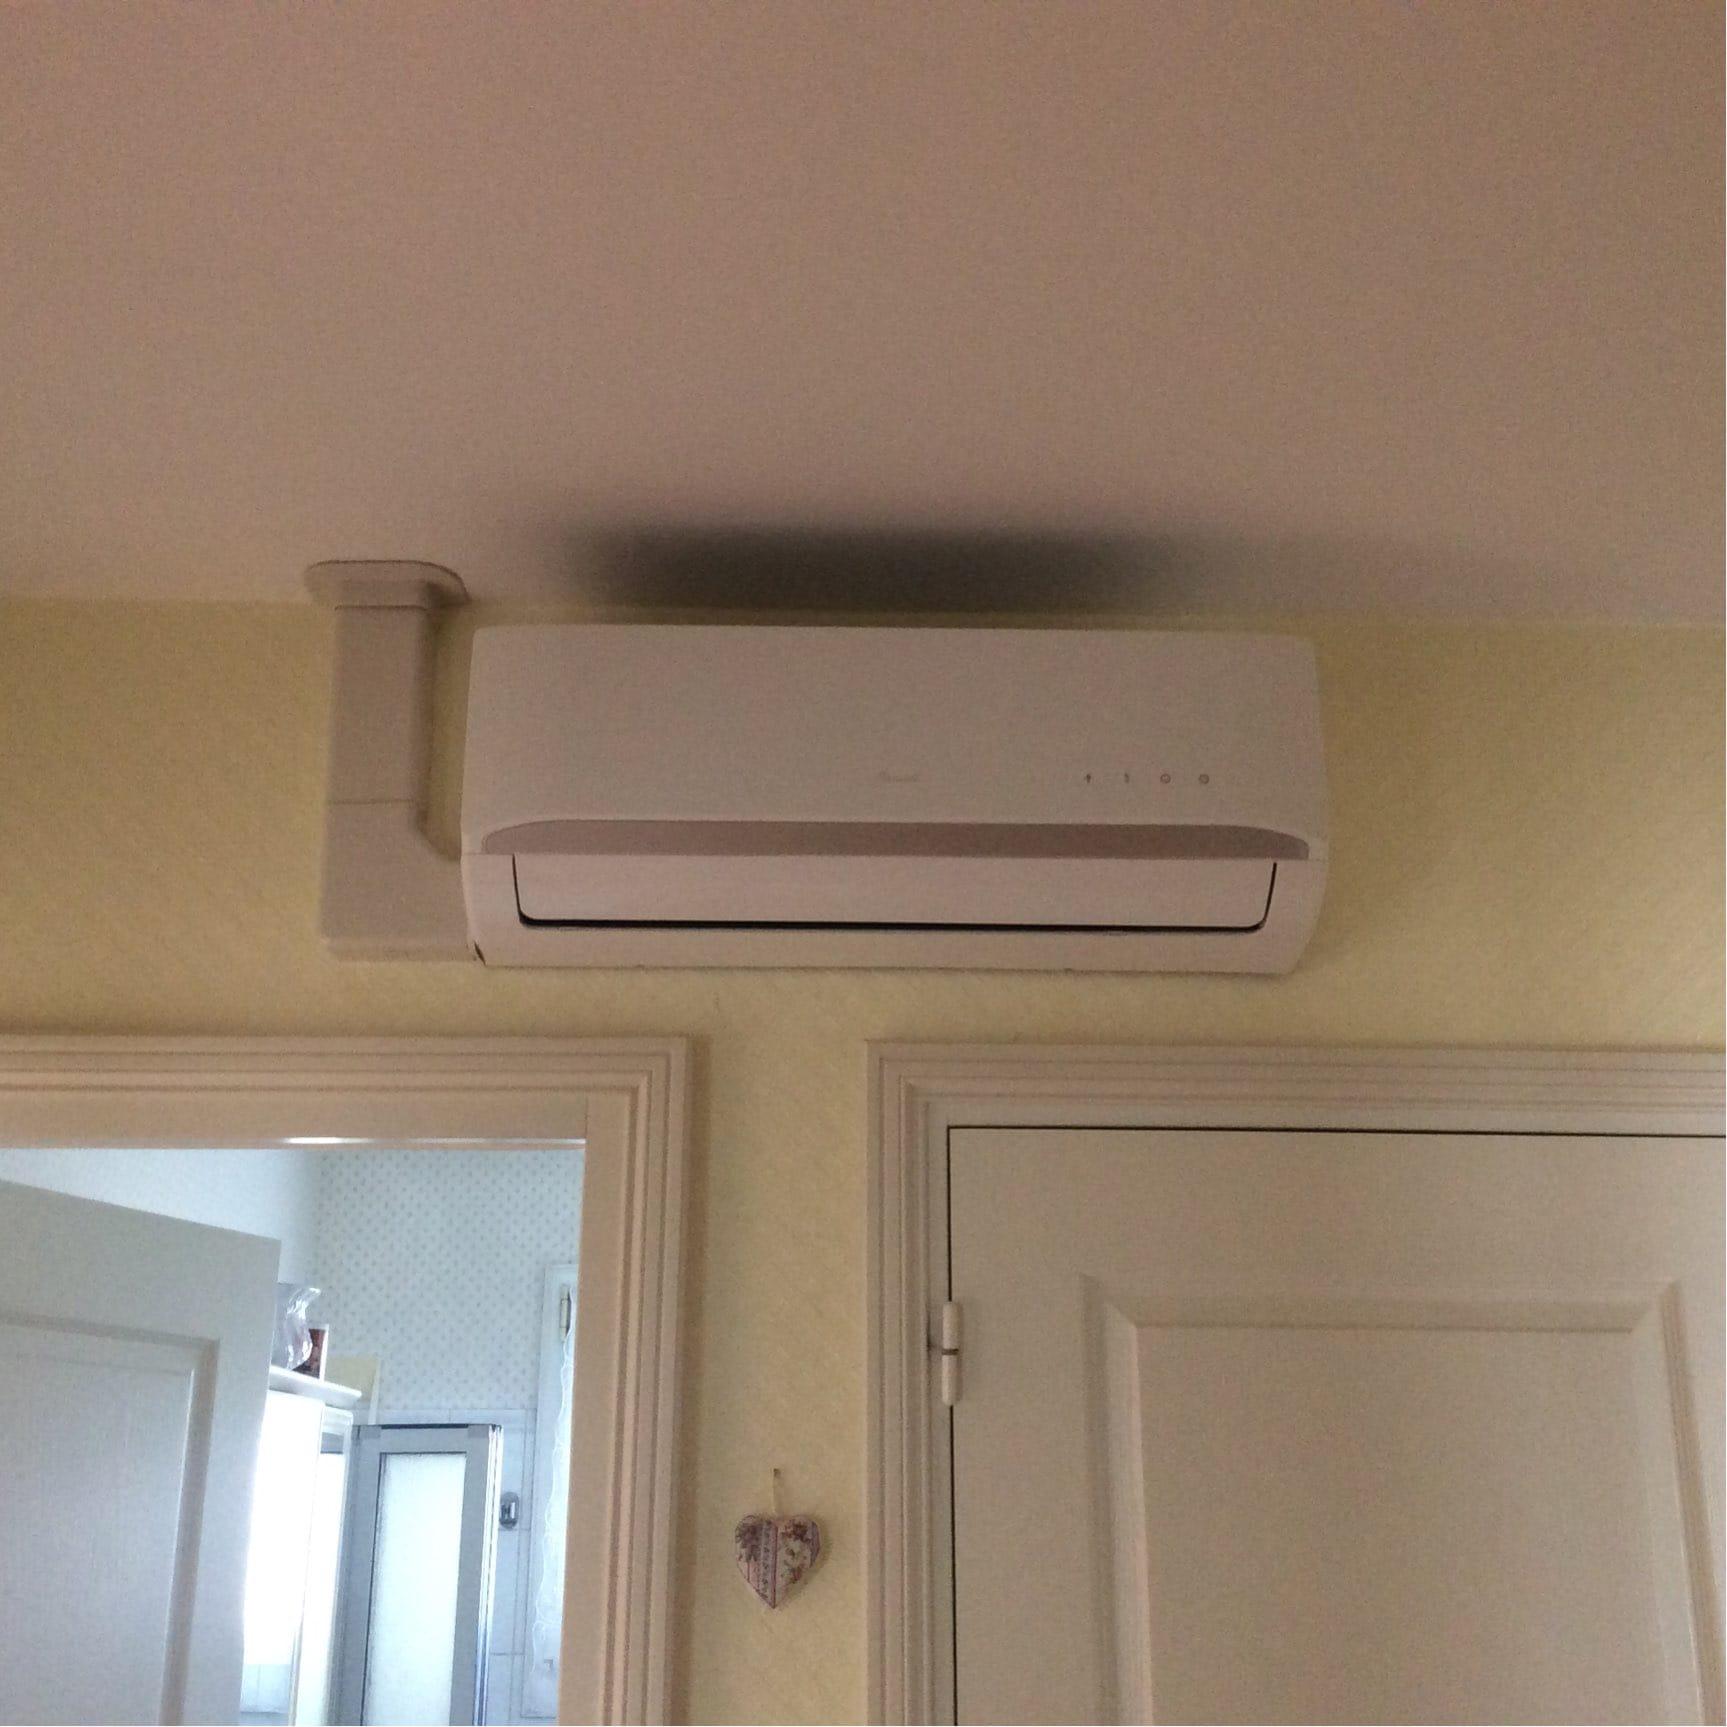 pose de climatisation par Minoria Concept